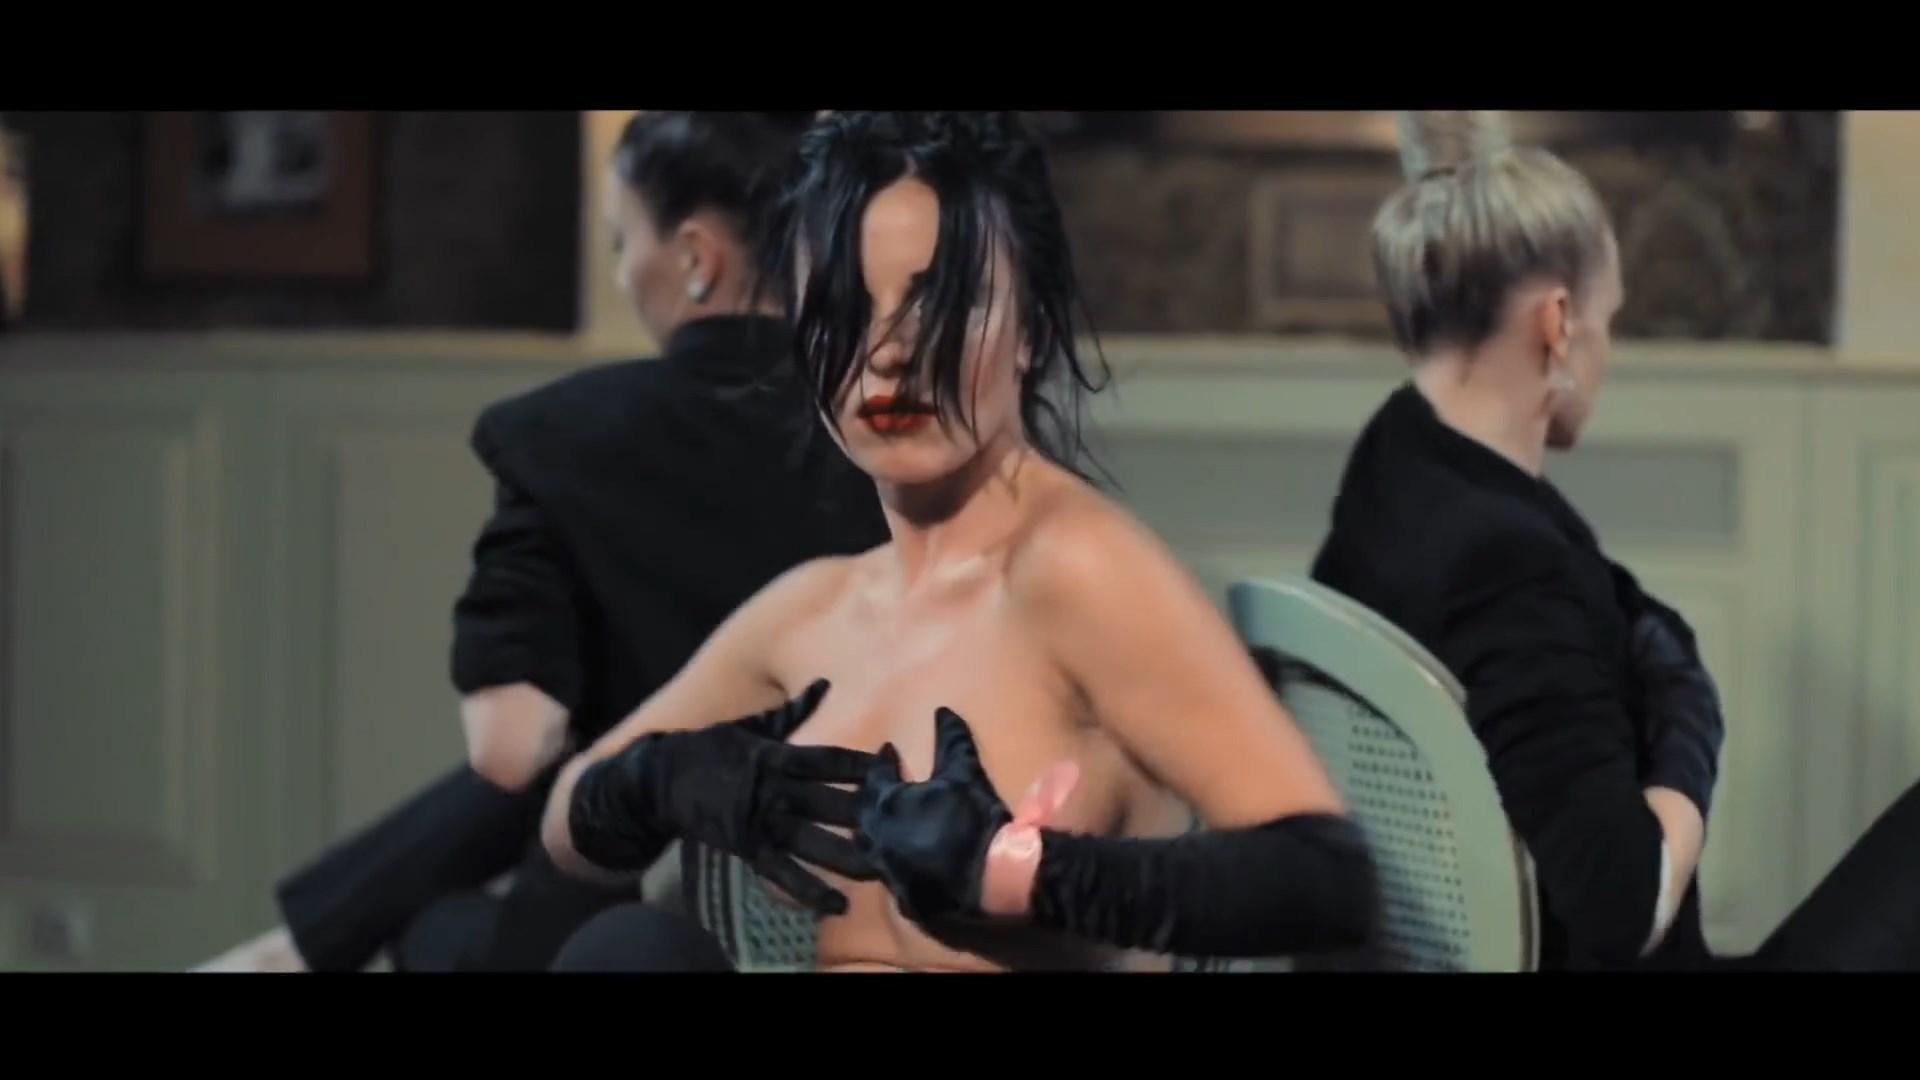 Julia Volkova Topless Pho...